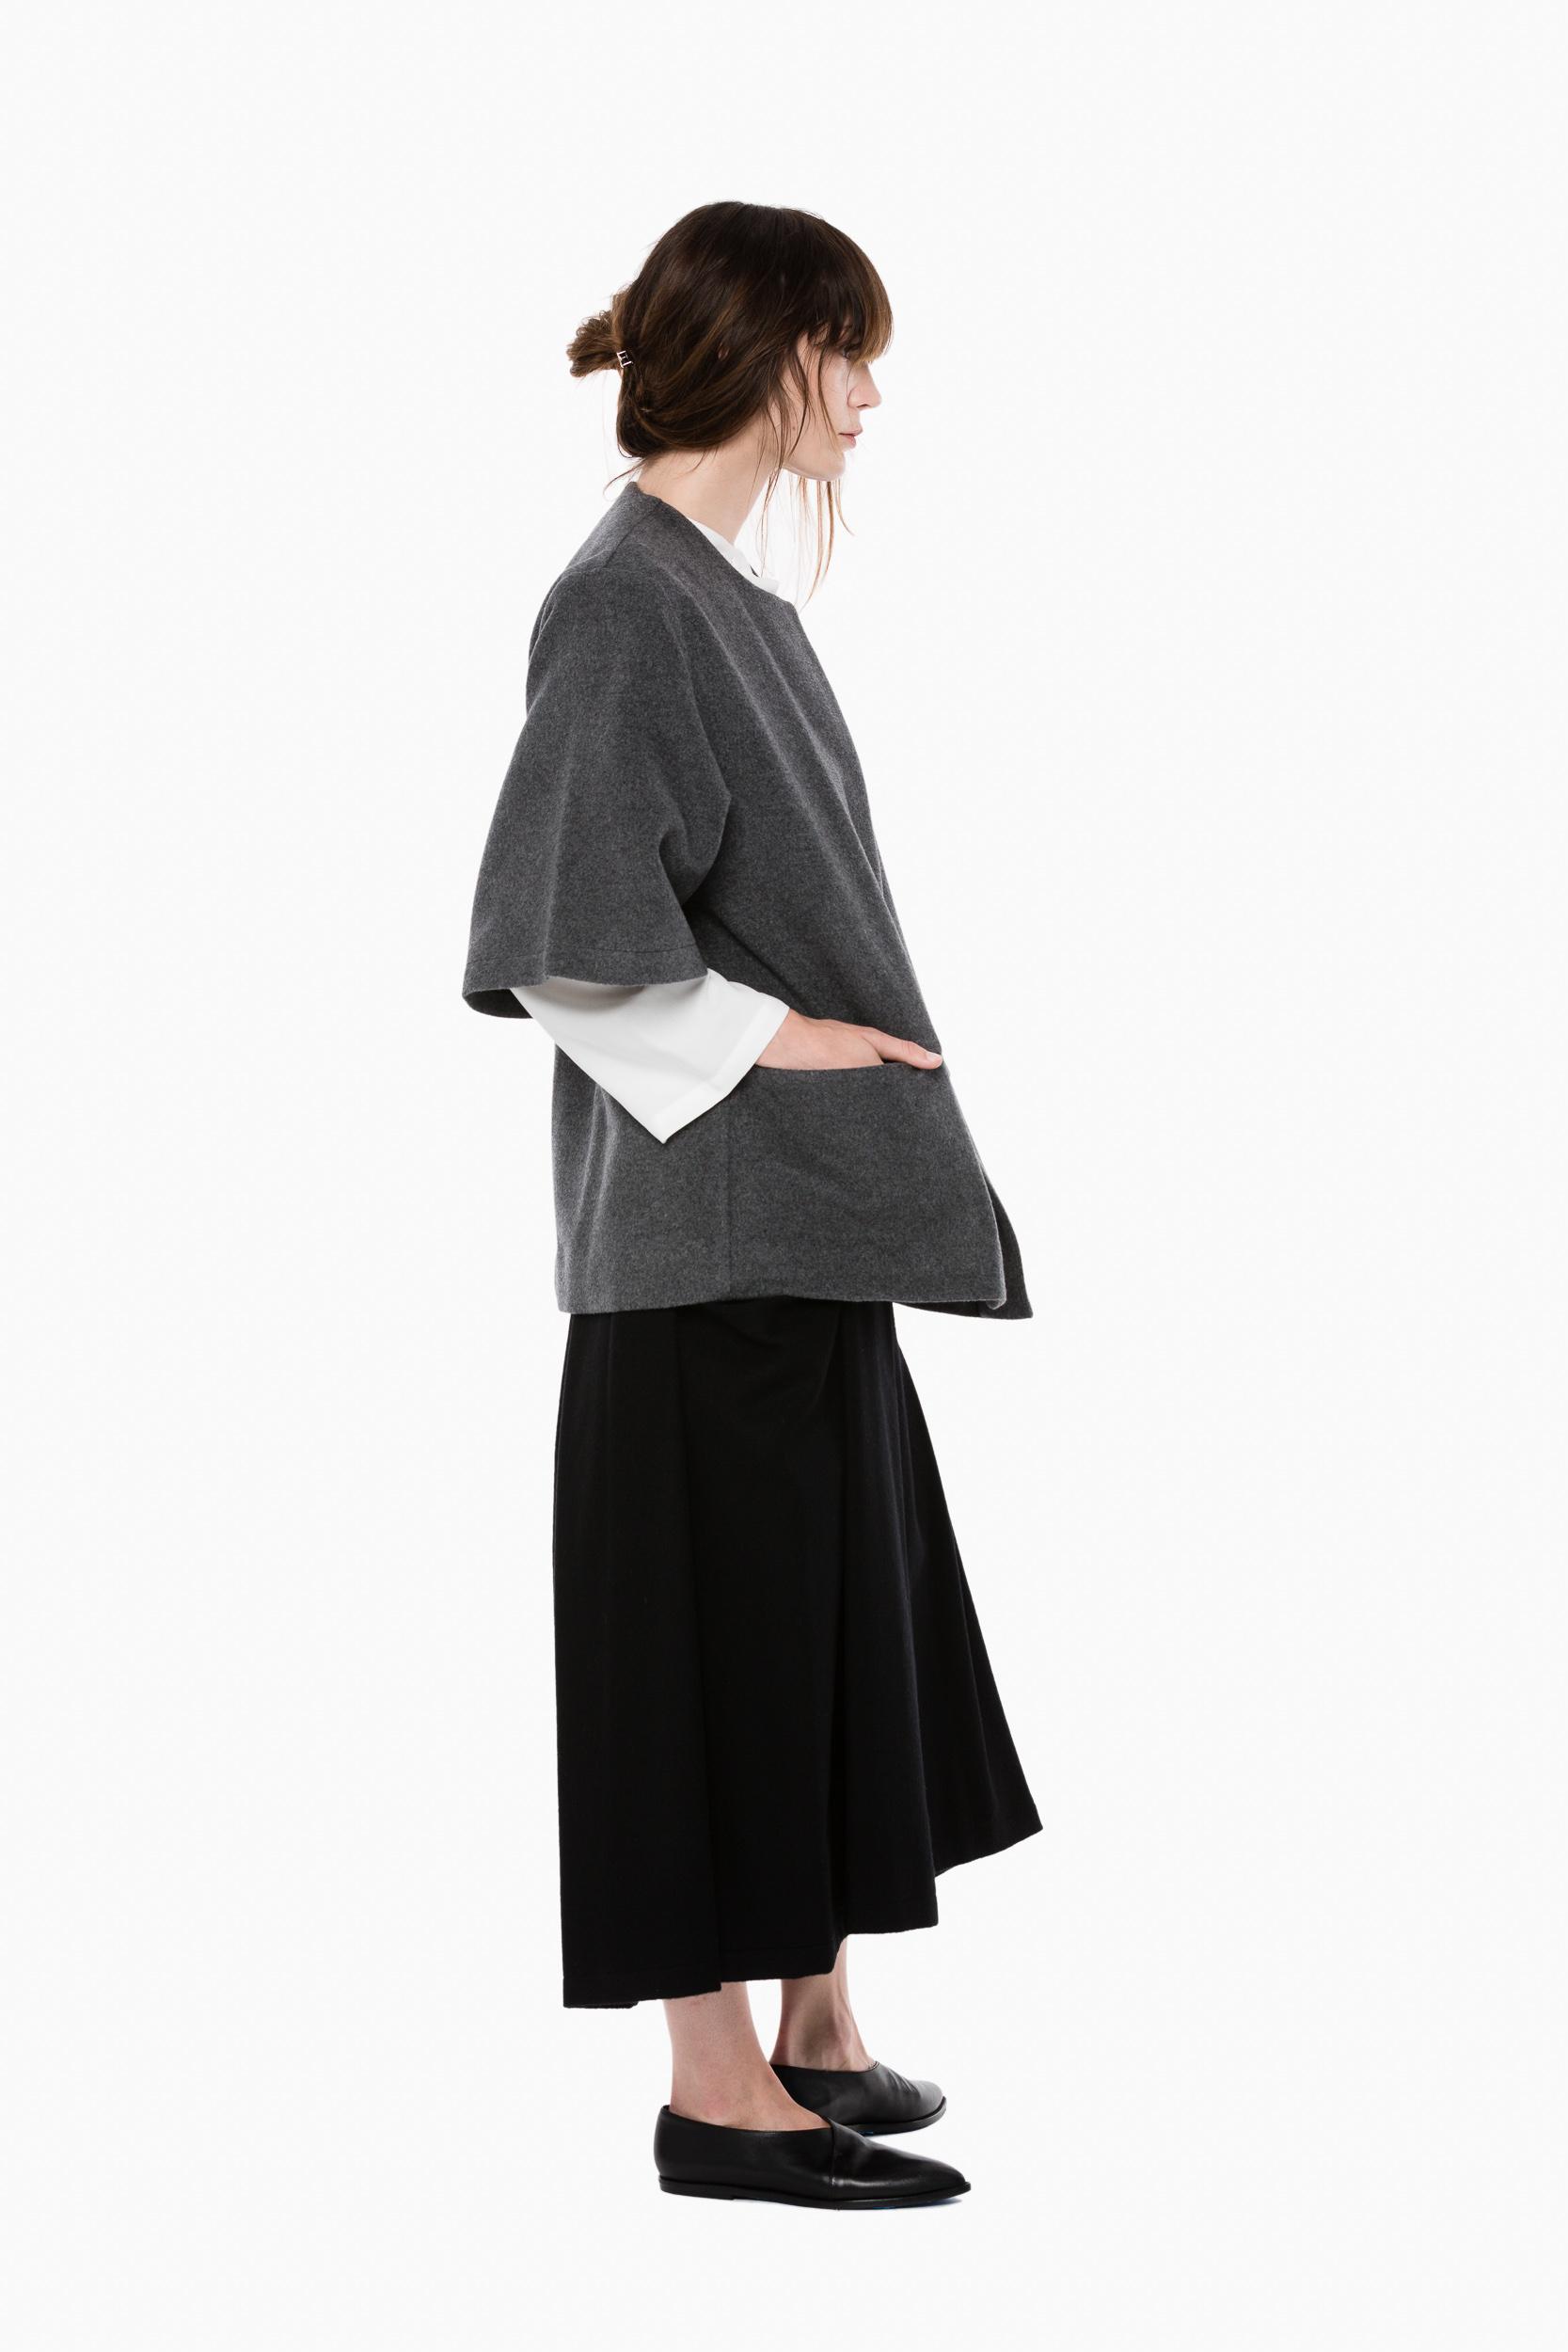 1WT-yoshinori-grey--0197.jpg